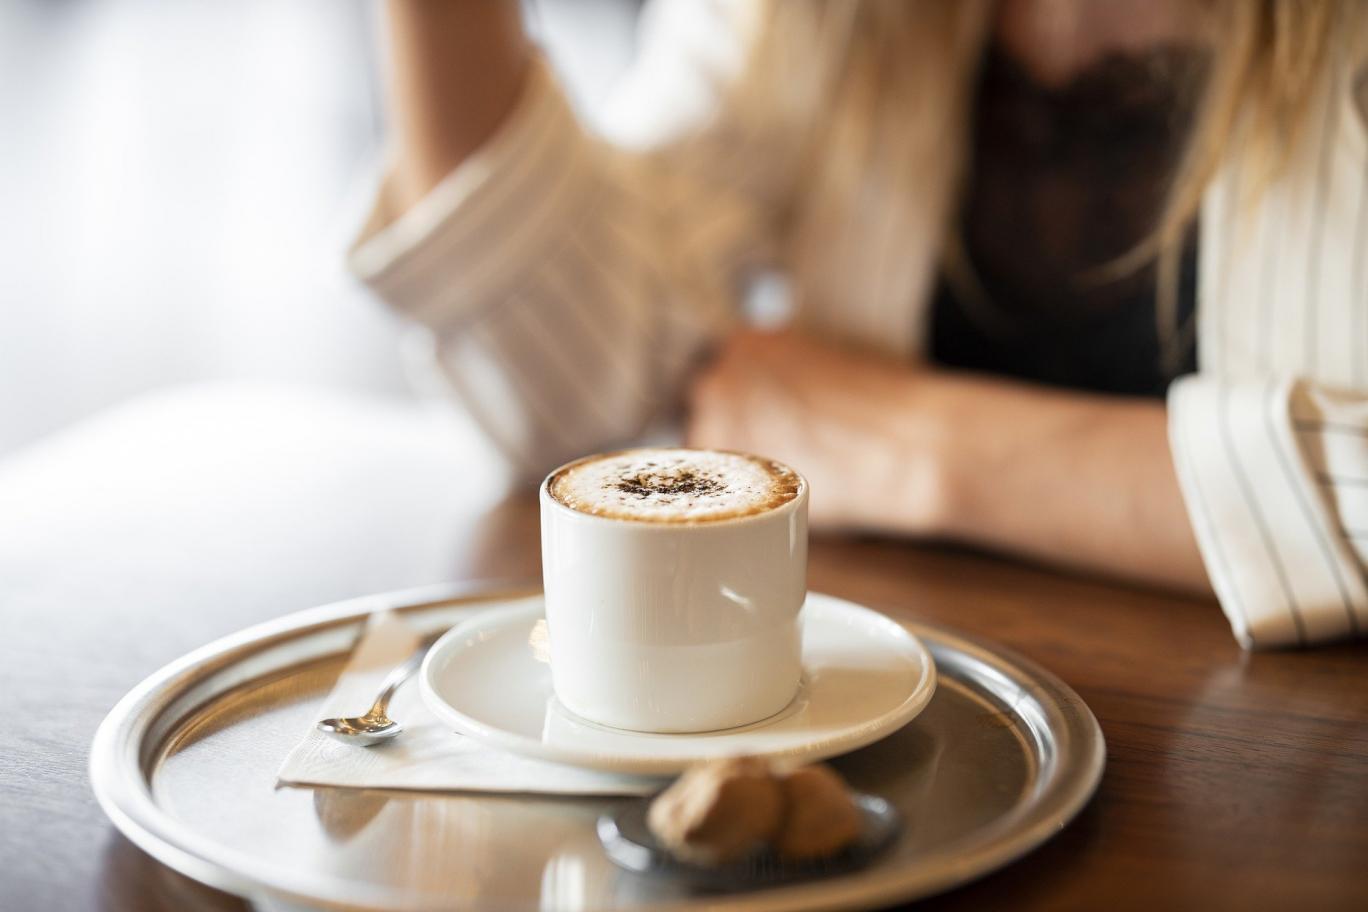 بیشتر قهوه بنوشید+ دلیل